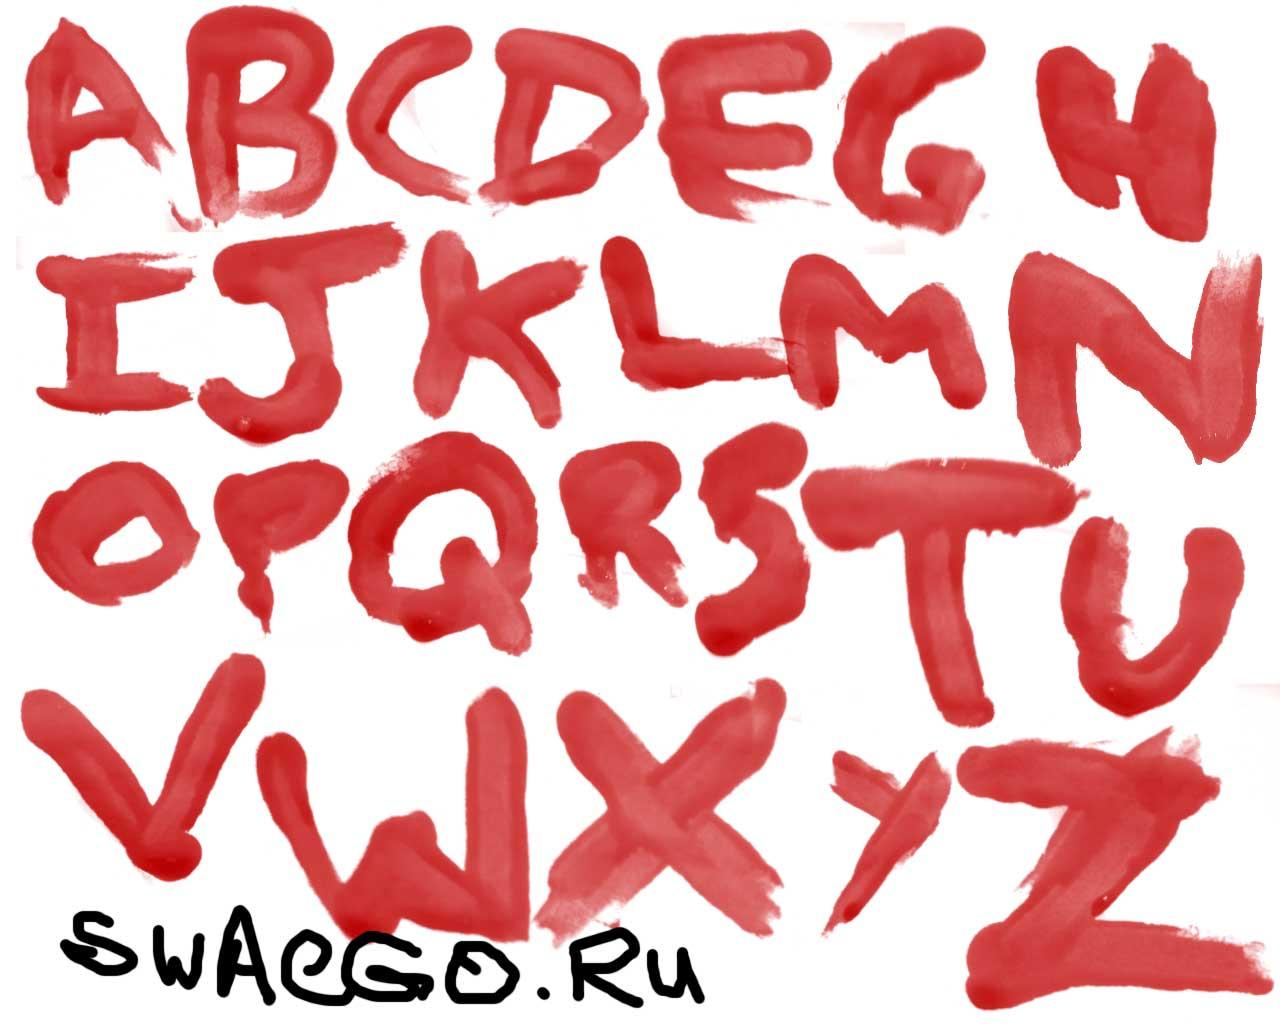 Фотошоп, как сделать кровавый шрифт